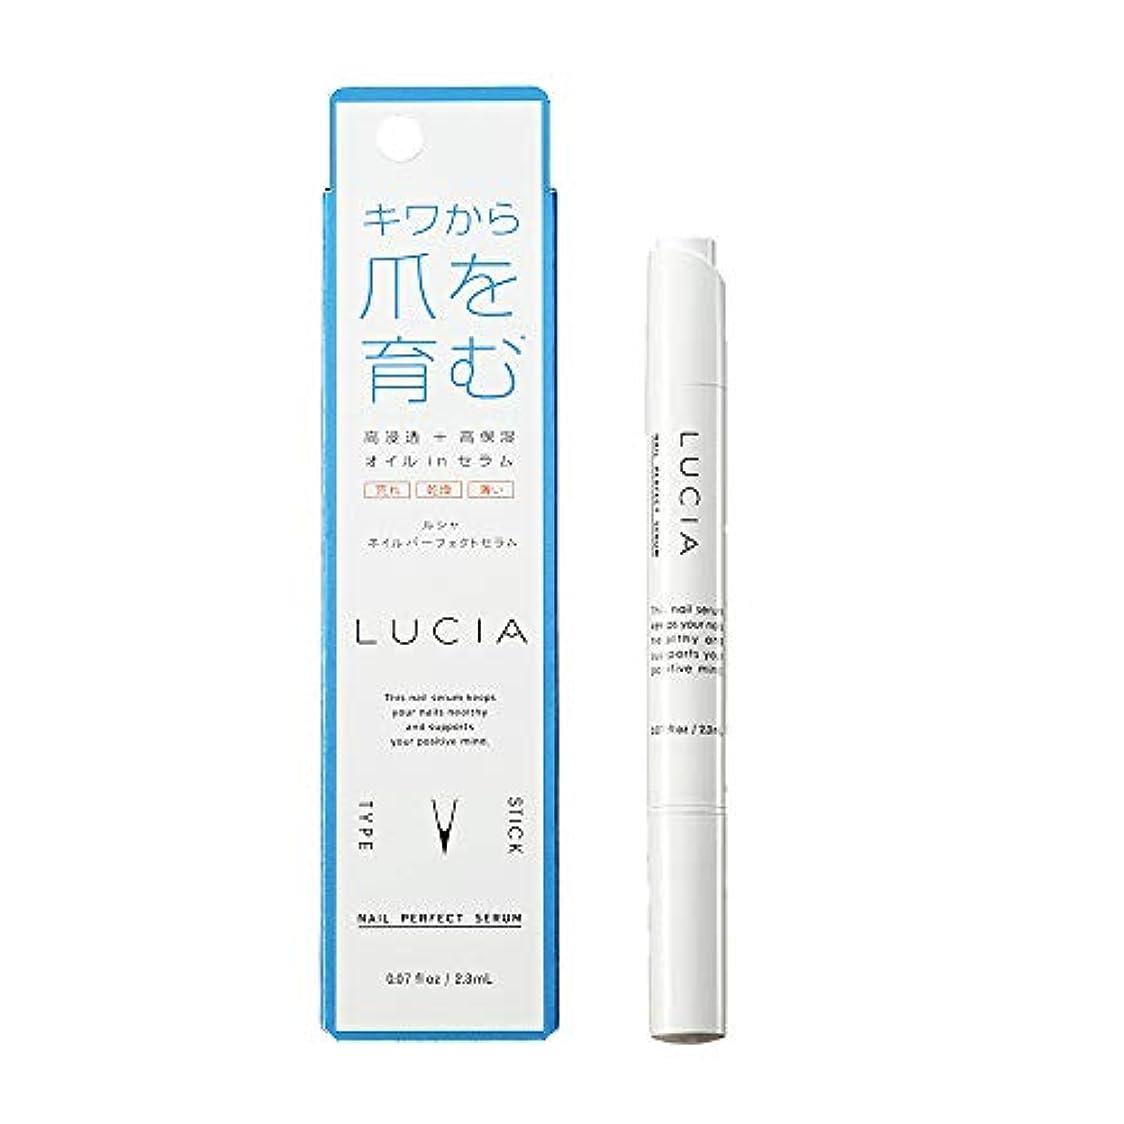 報いる追記それにもかかわらずLUCIA【ルシャ】ネイルパーフェクトセラム 2.3ml